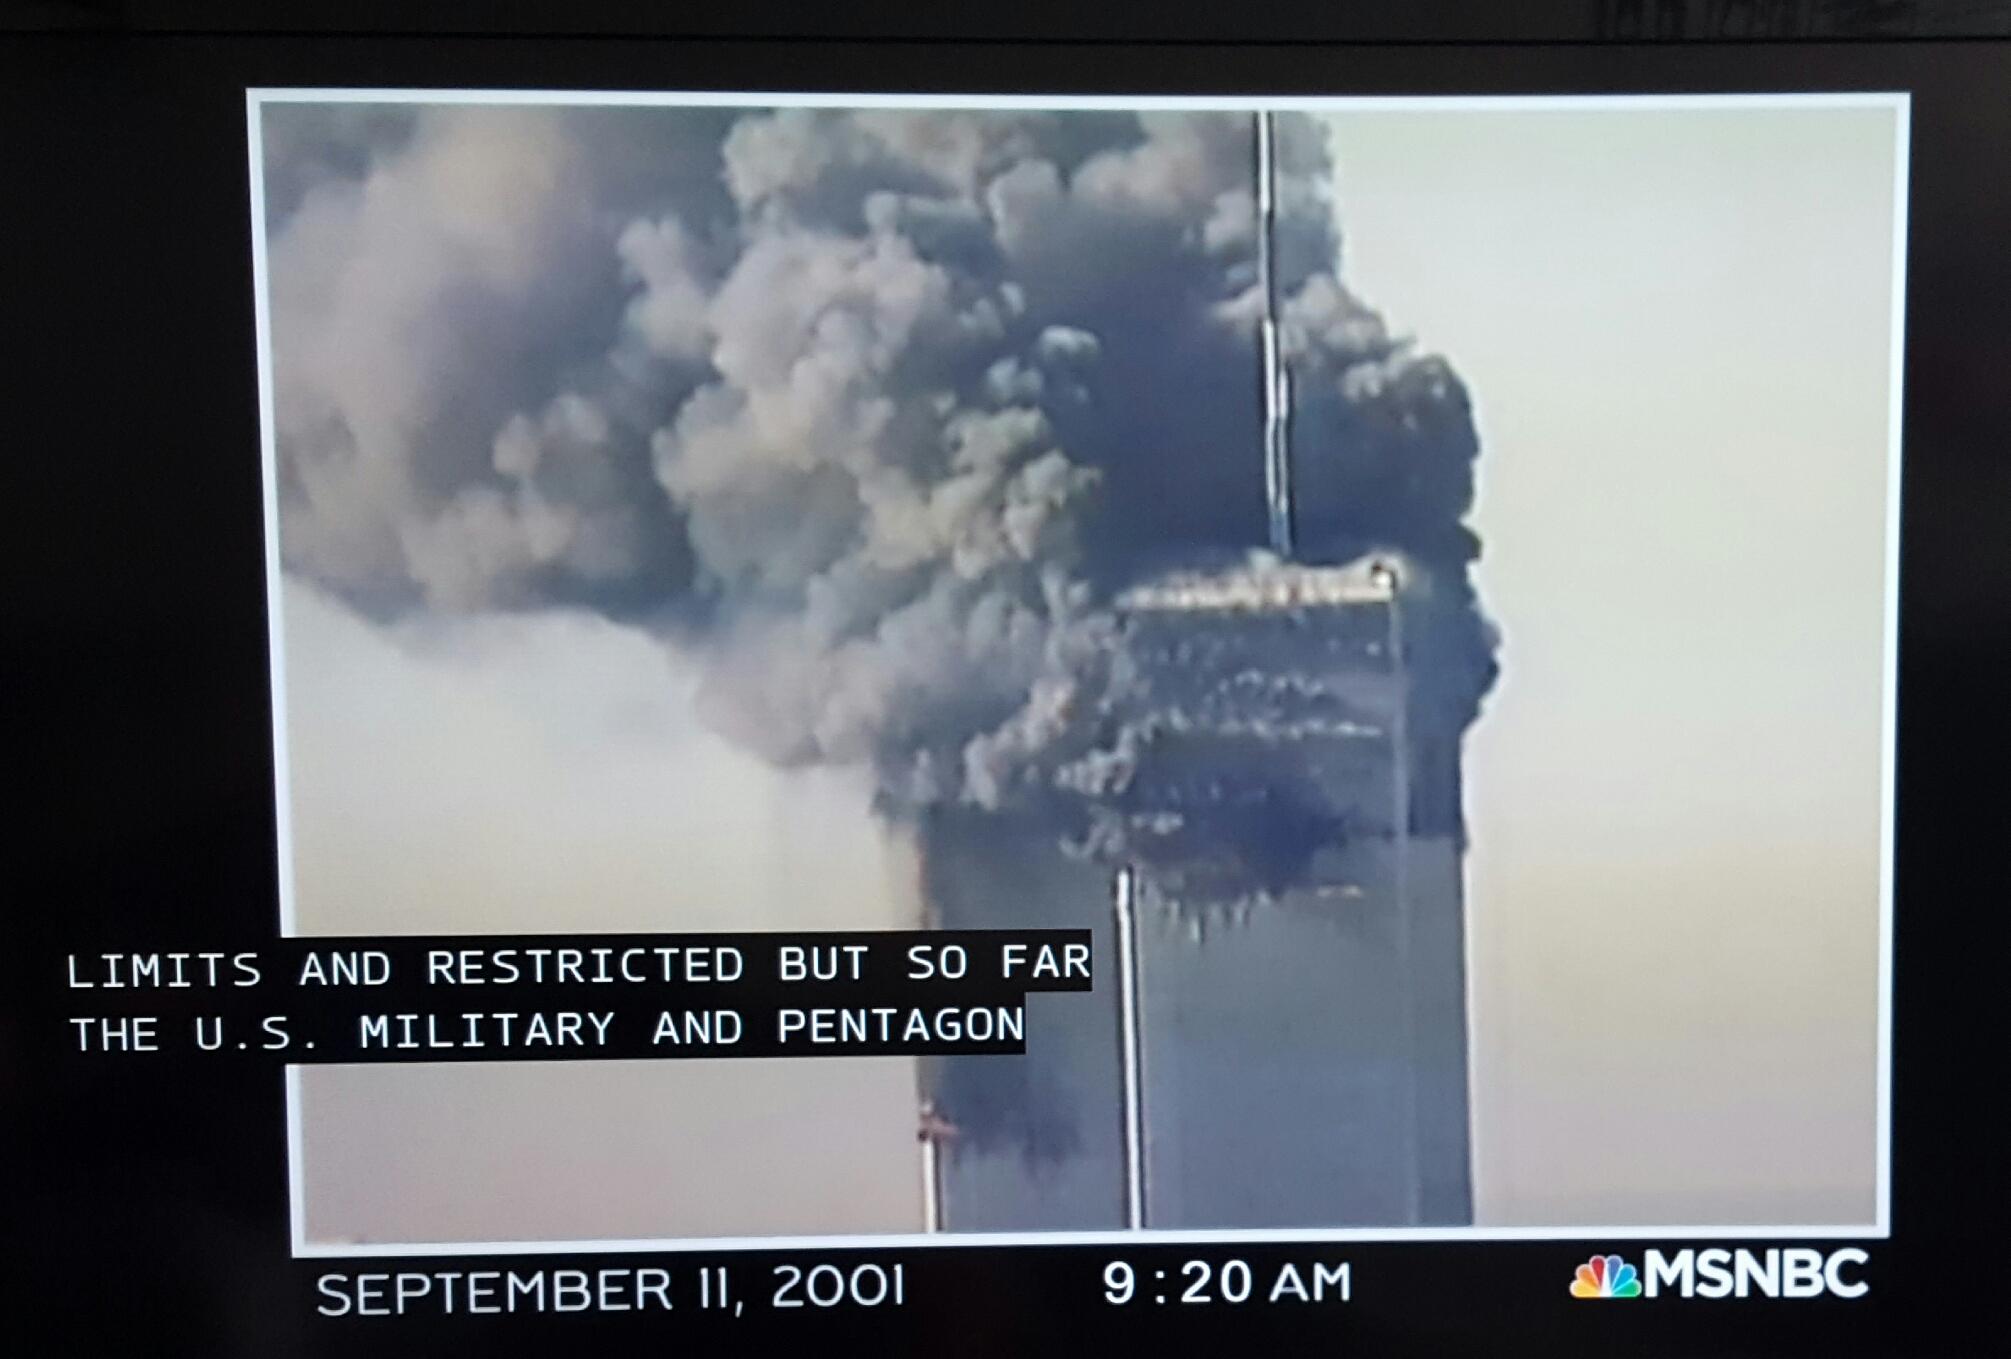 Memories of 911, 15 years on